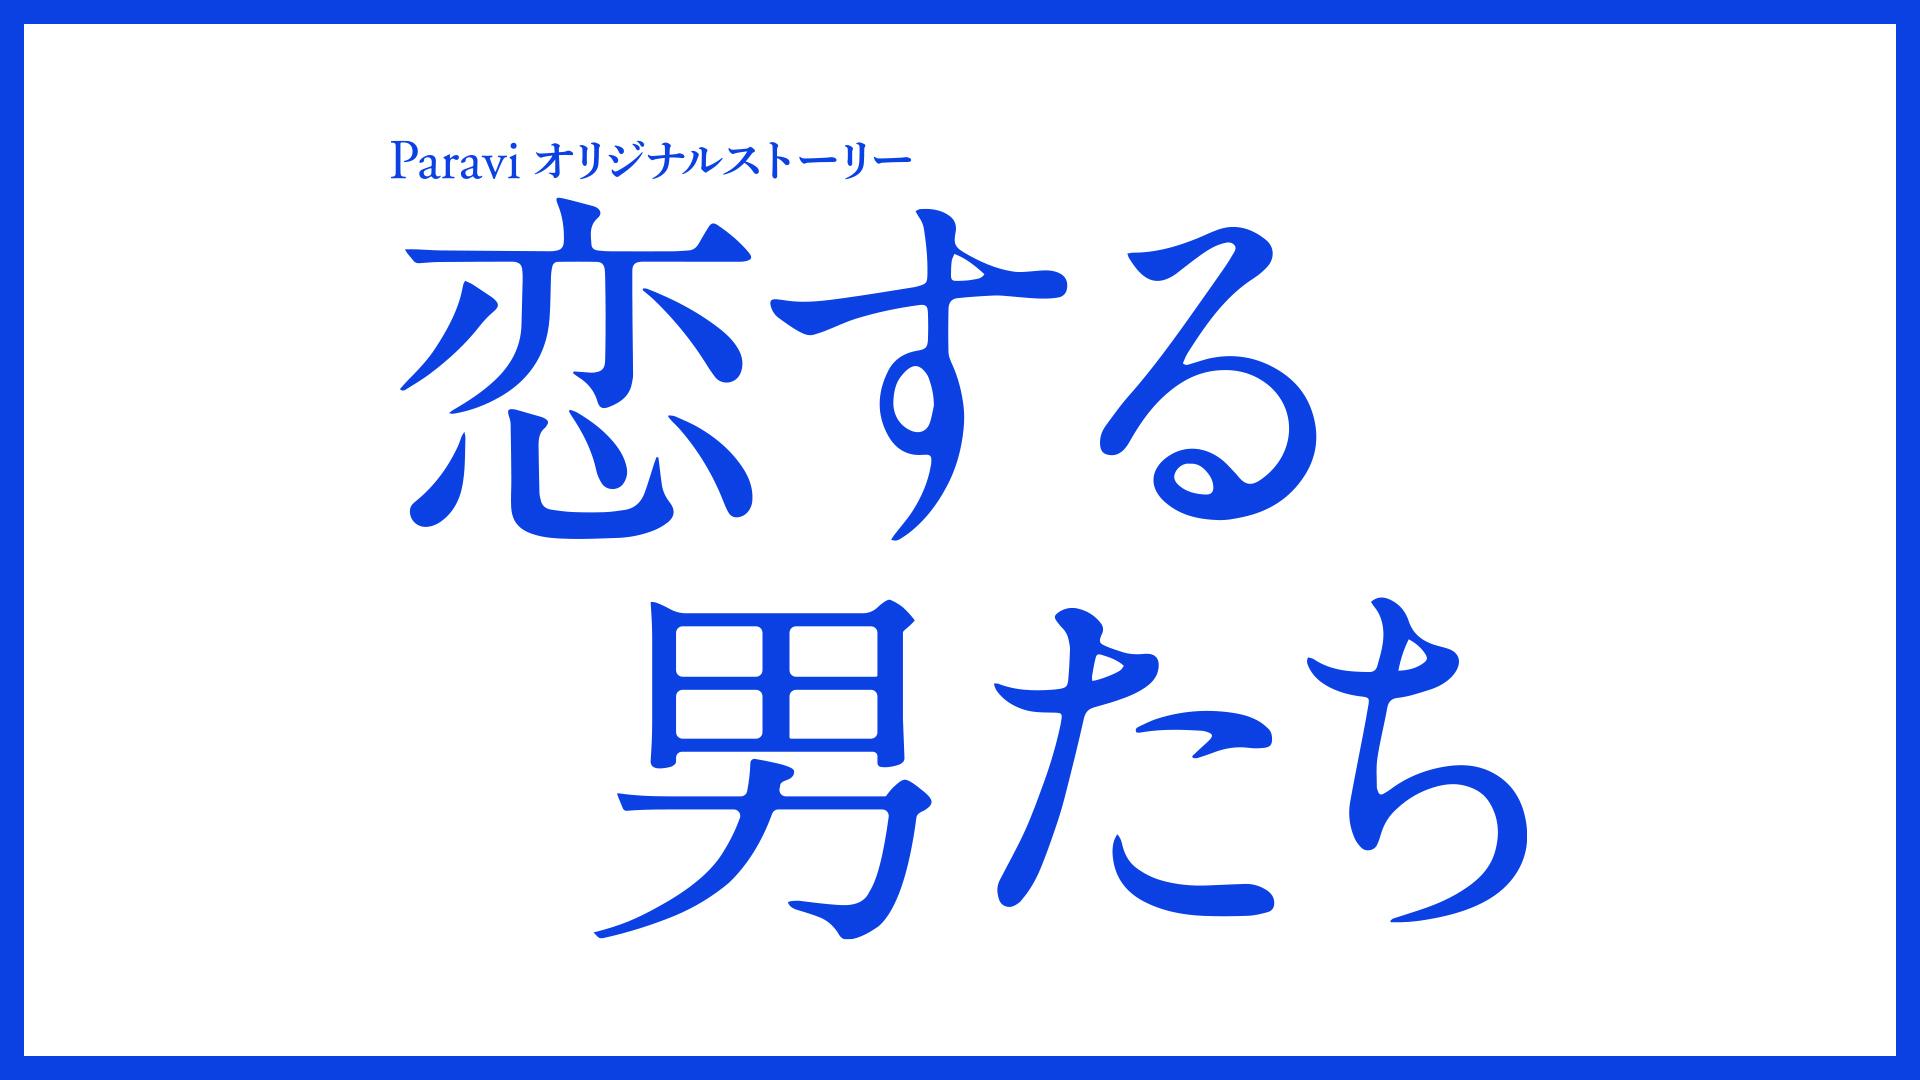 【ネタバレ】「恋する男たち」あらすじやキャスト含め最終回結末まで徹底紹介!